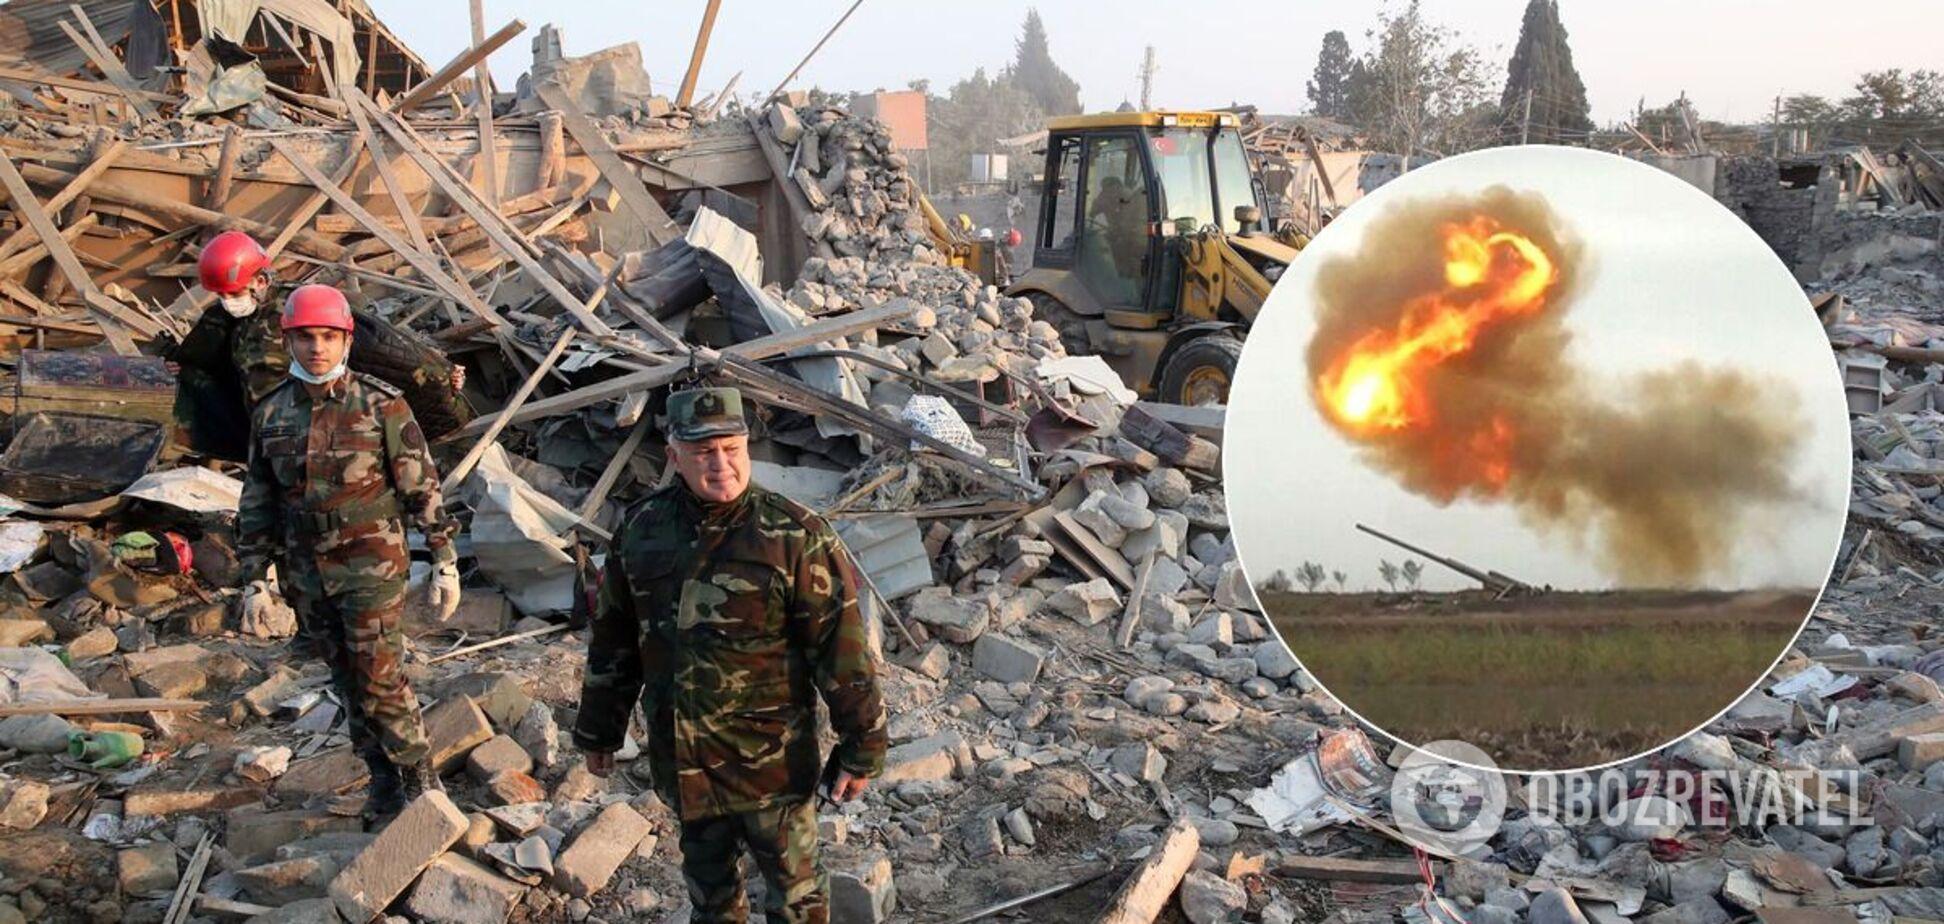 Азербайджан и Армения заявили о нарушении перемирия и открыли огонь